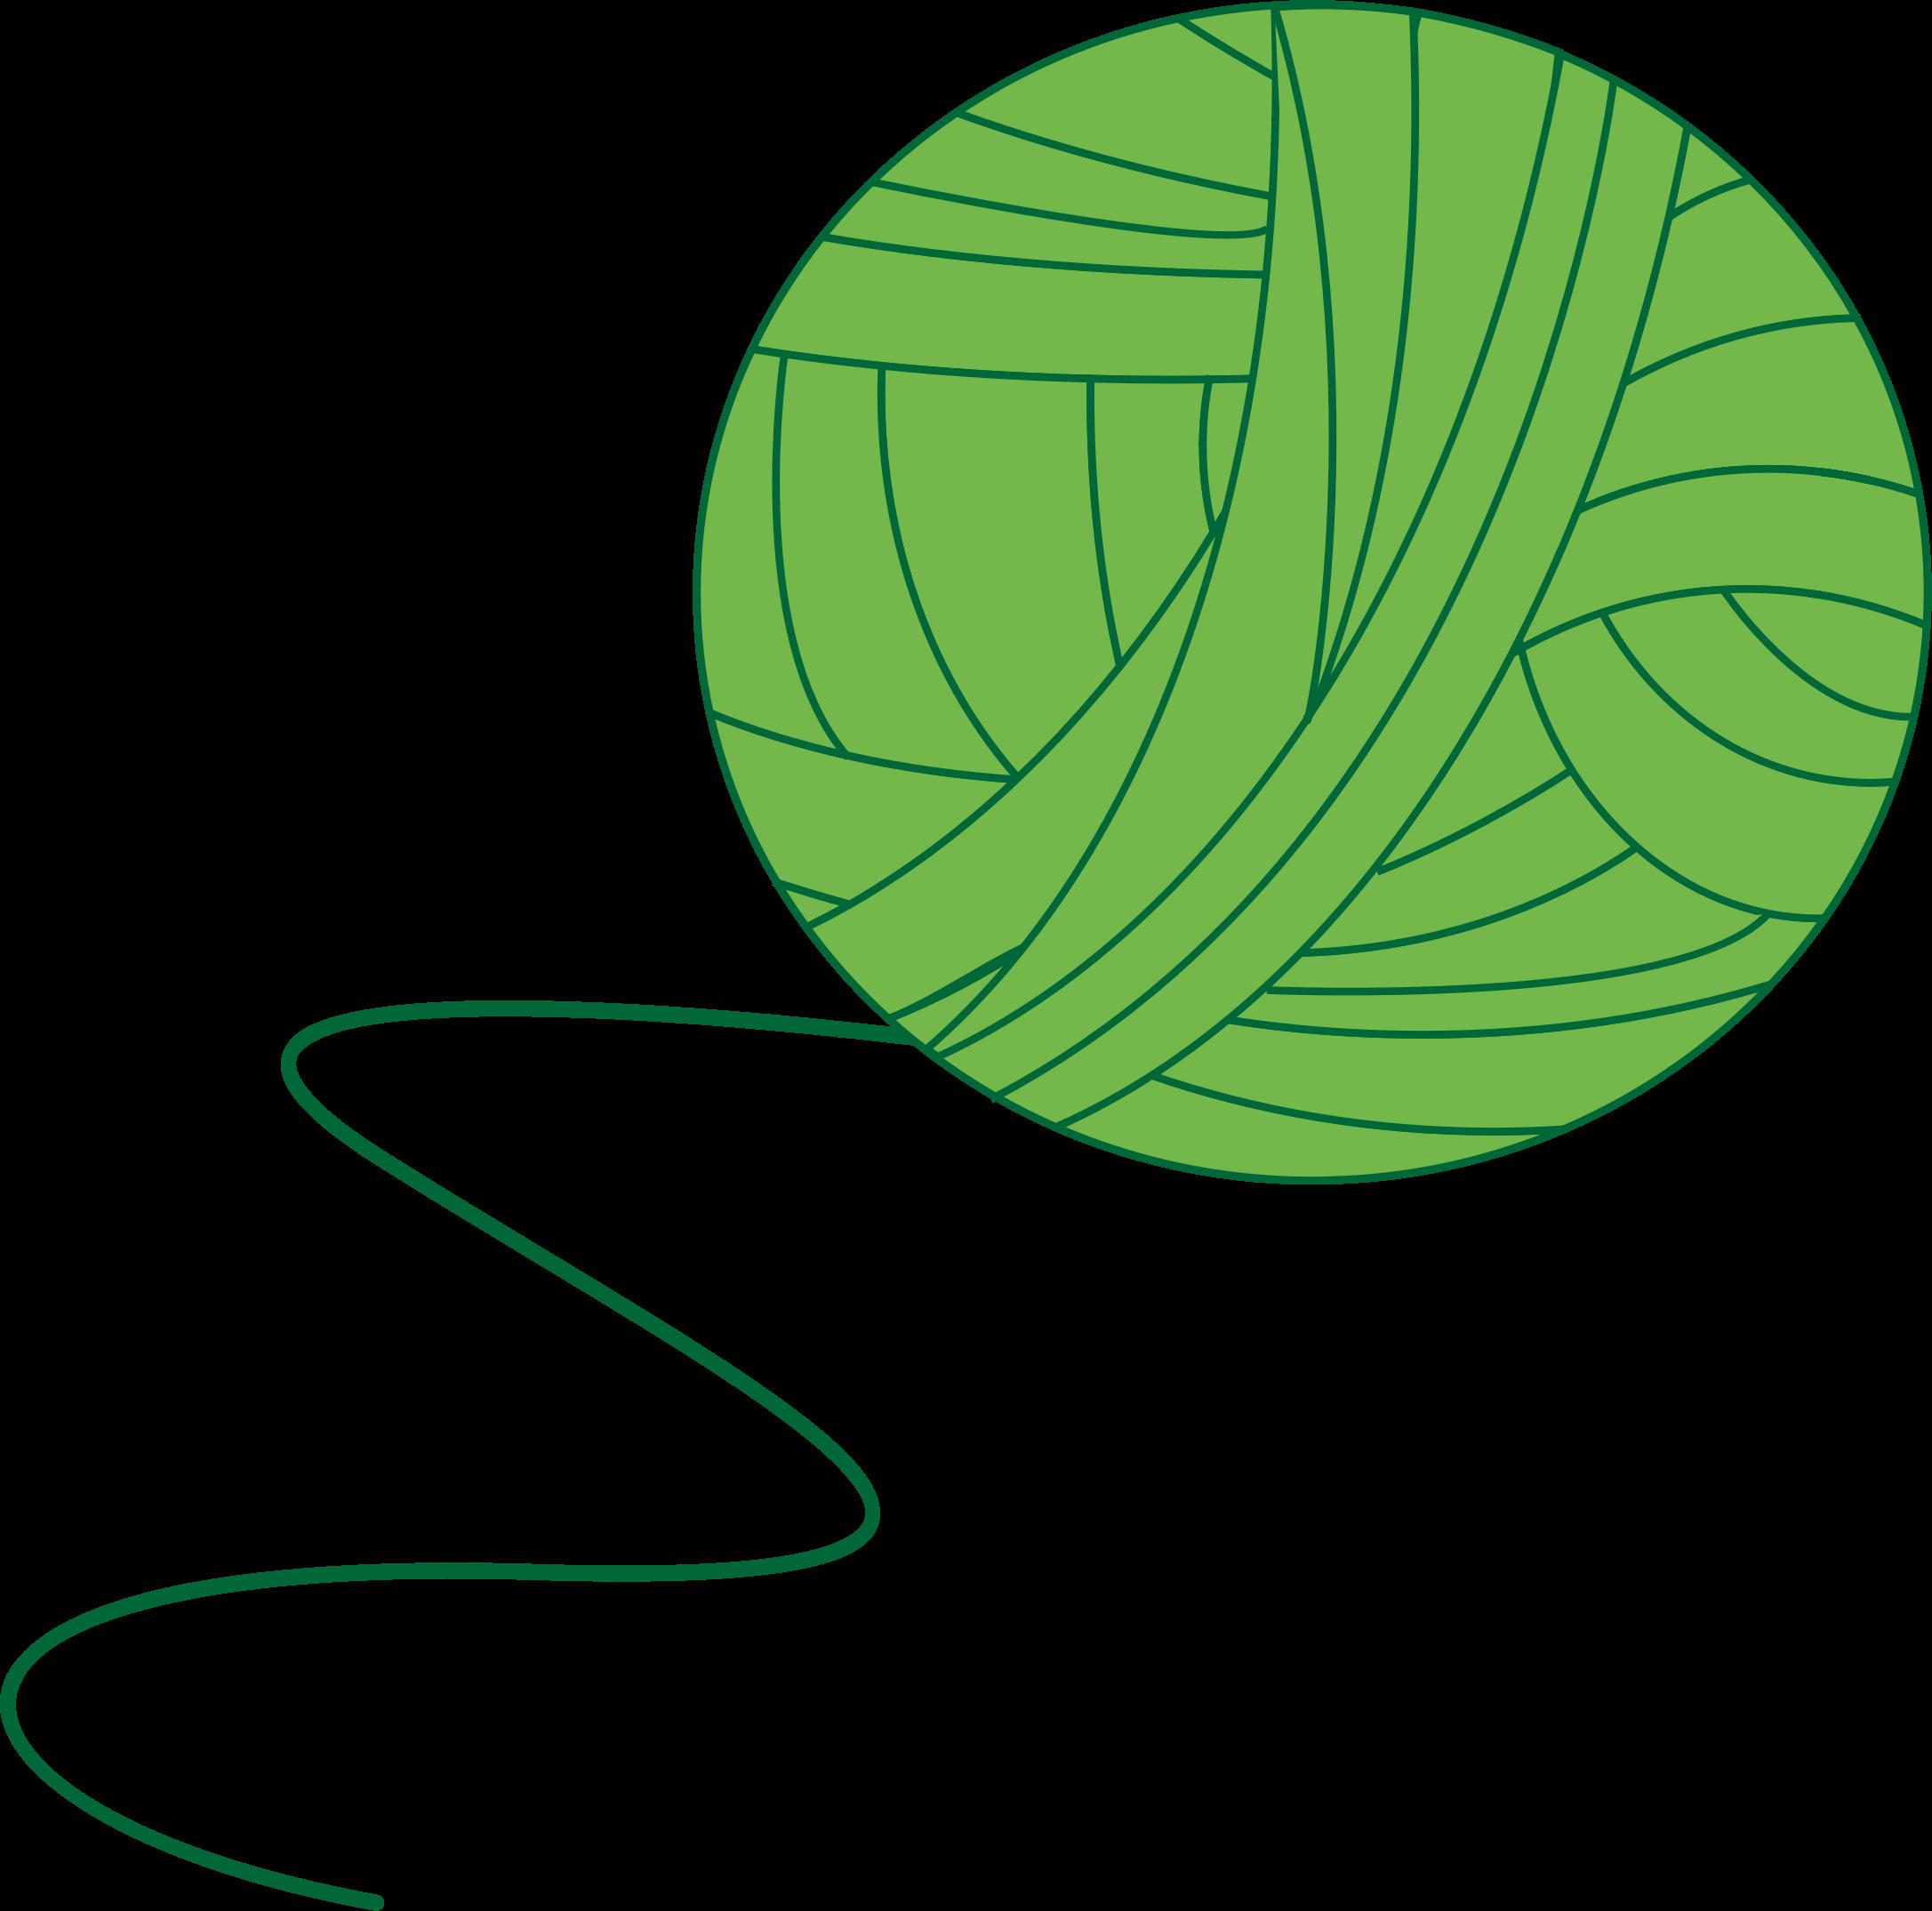 yarn clipart 5 id-71099